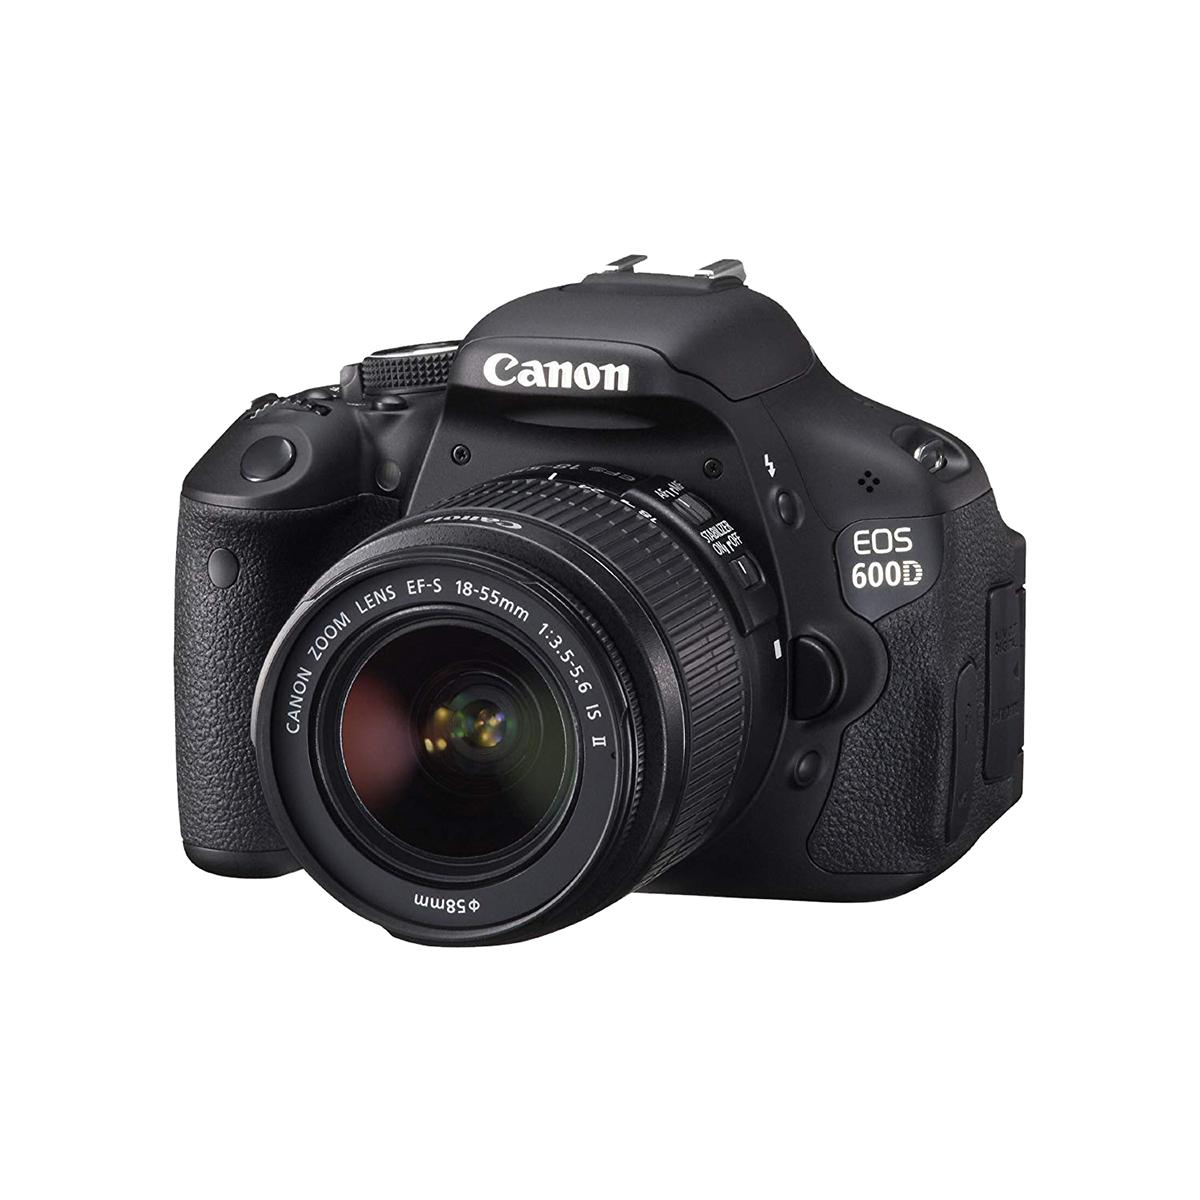 Immagine Canon EOS 600D + 18-55 mm